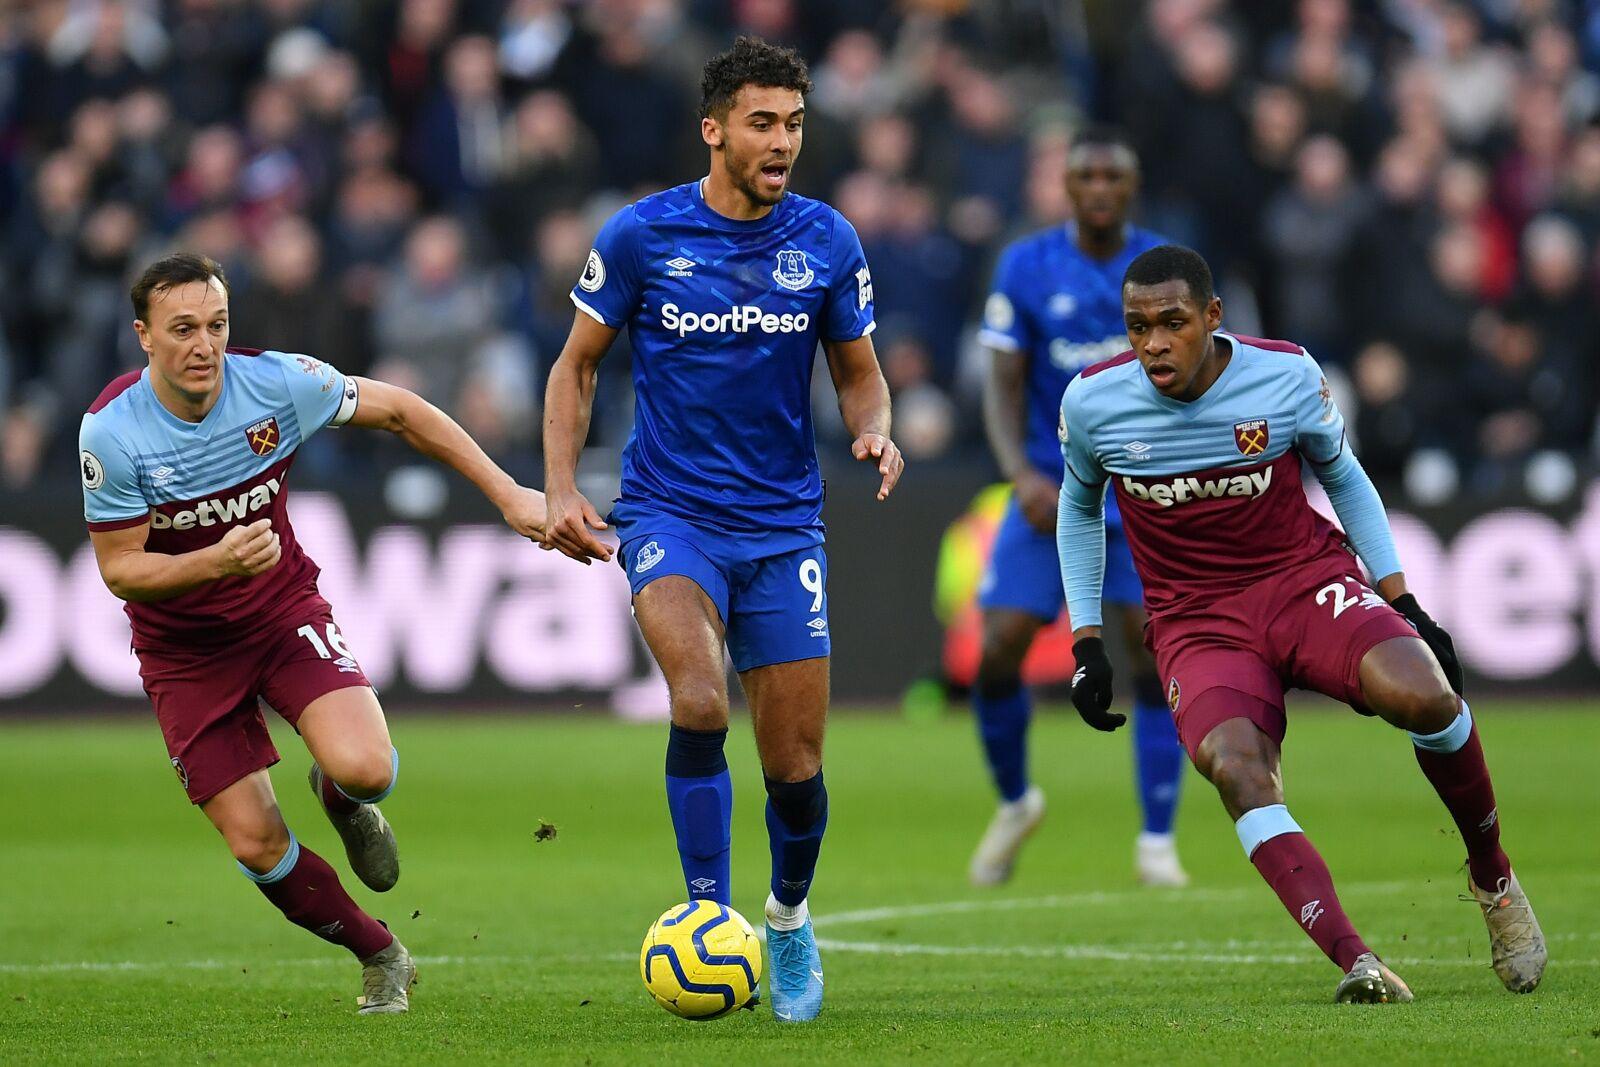 VAR goes against Everton again